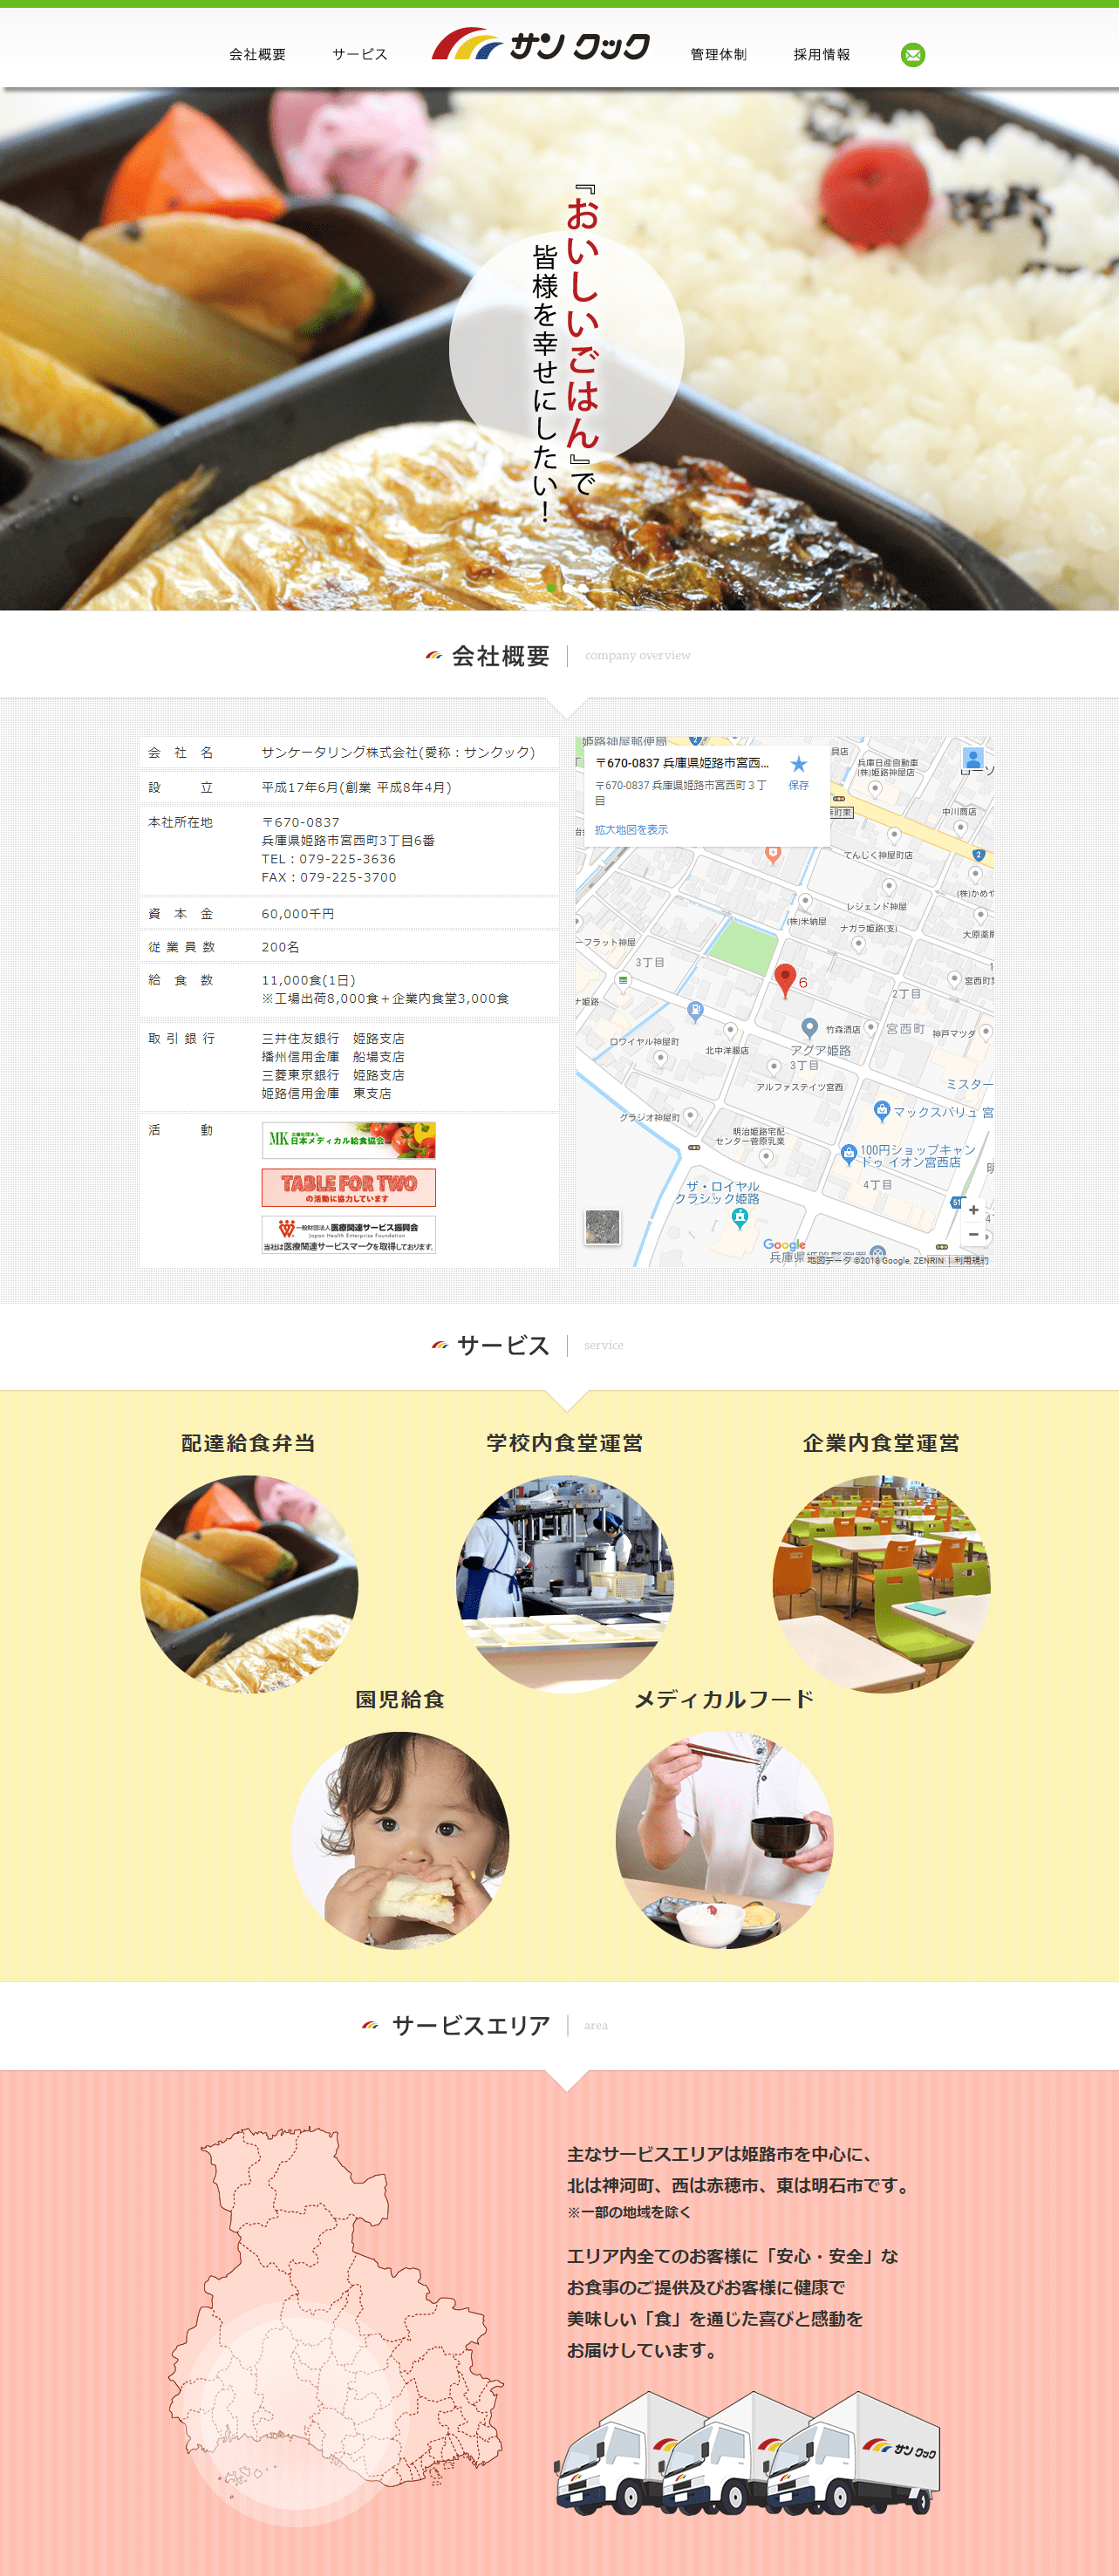 姫路市 サンクック(サンケータリング株式会社)様 ホームページ制作1